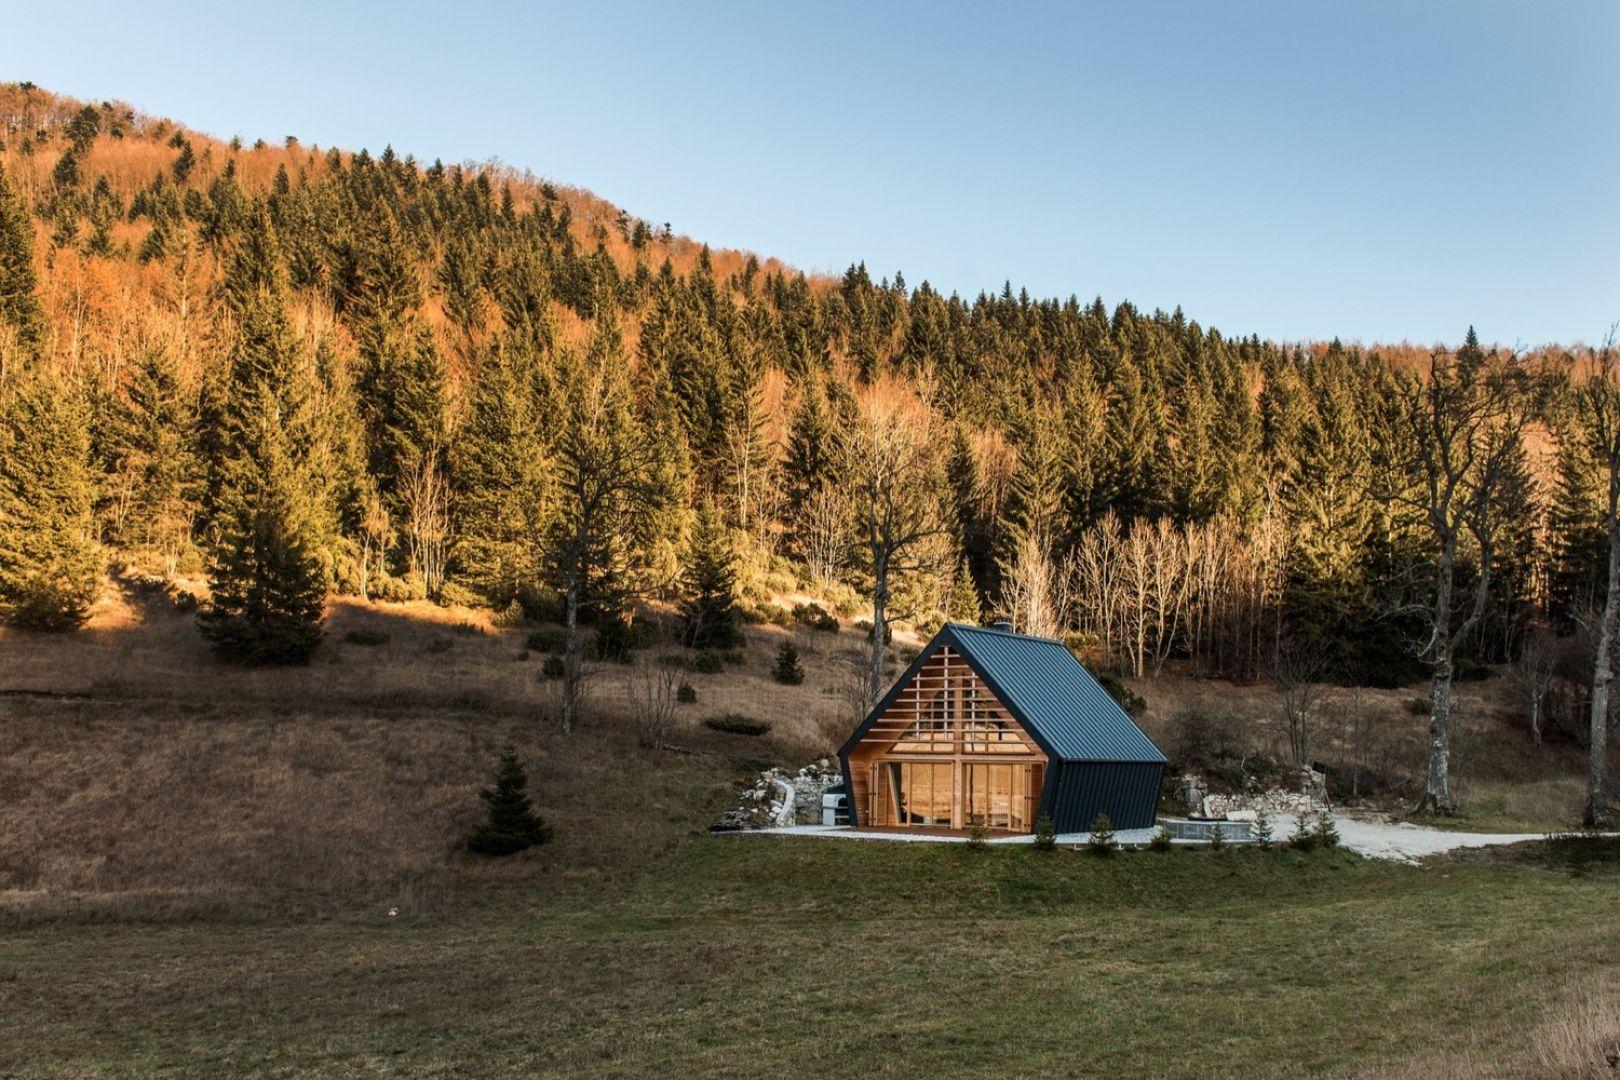 Ten dom umiejscowiony jest na skraju lasu, a zaprojektowany z myślą o zapewnieniu przytulnego schronienia jej mieszkańcom. Fot. Miha Bratina